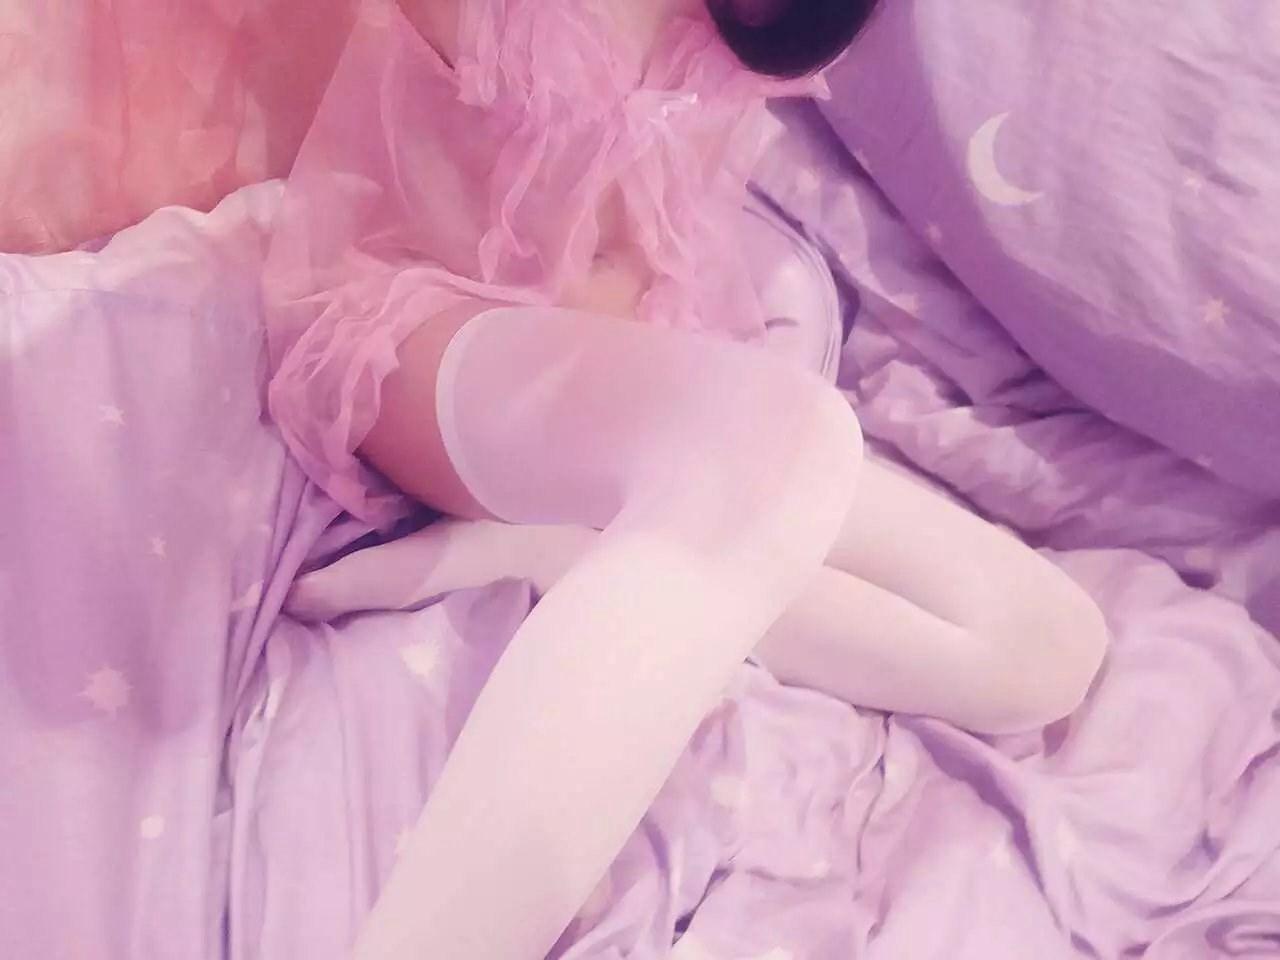 【兔玩映画】萝莉自拍 兔玩映画 第24张